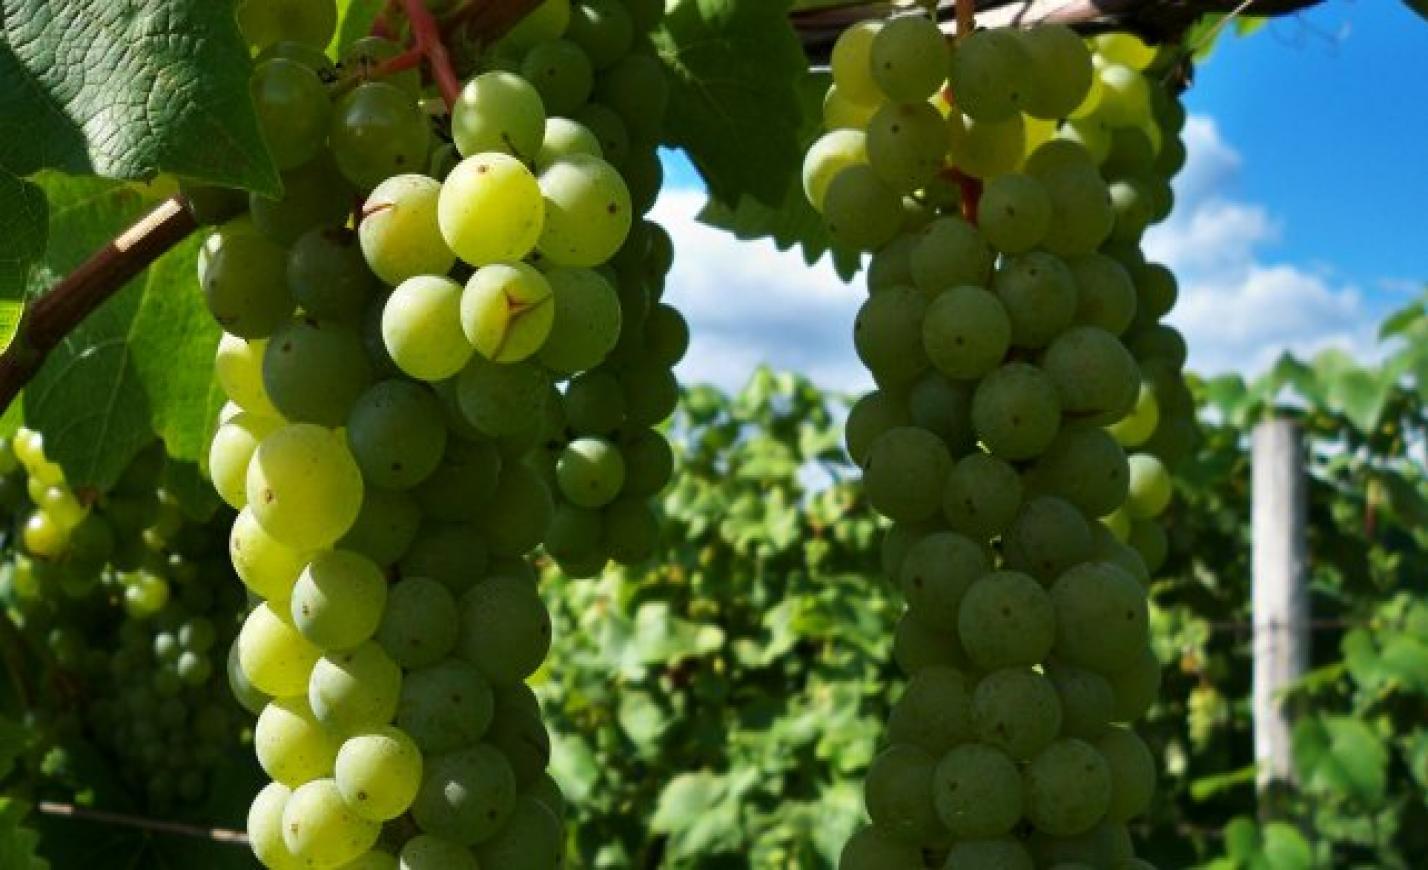 Mintegy 14,7 millió palack bort értékesít idén a Varga Pincészet